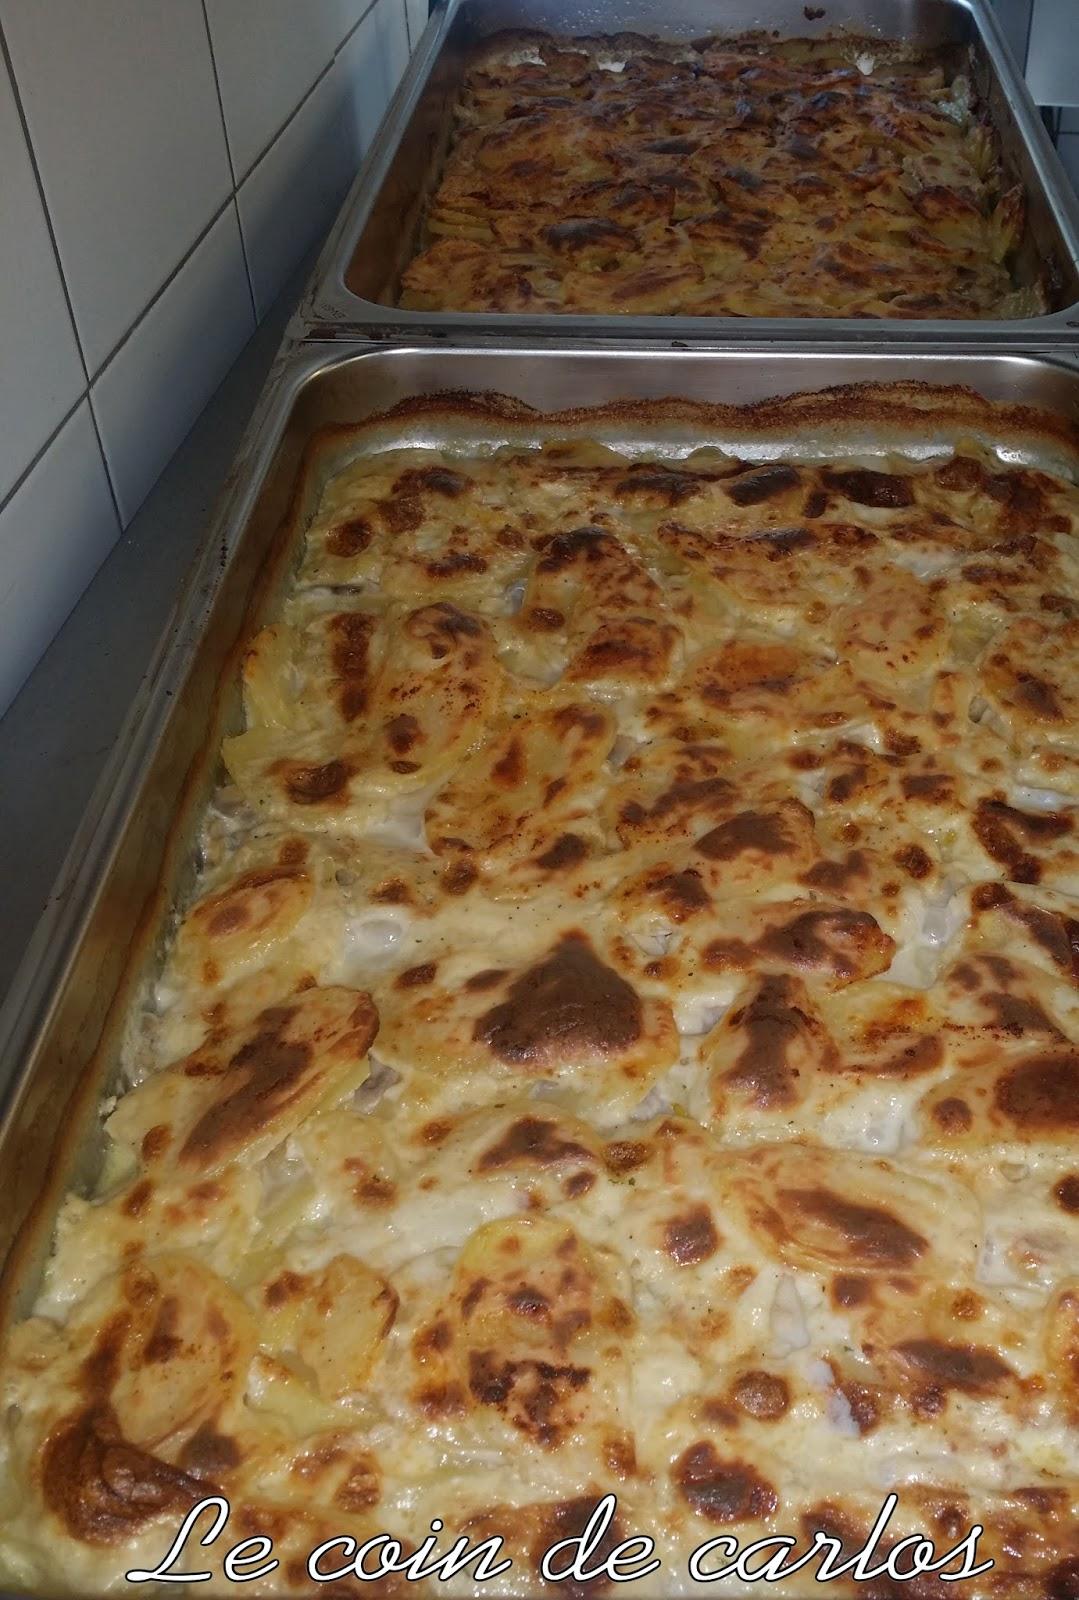 Le coin de carlos gratin de pommes de terre et champignons - Gratin de pommes de terre au four ...